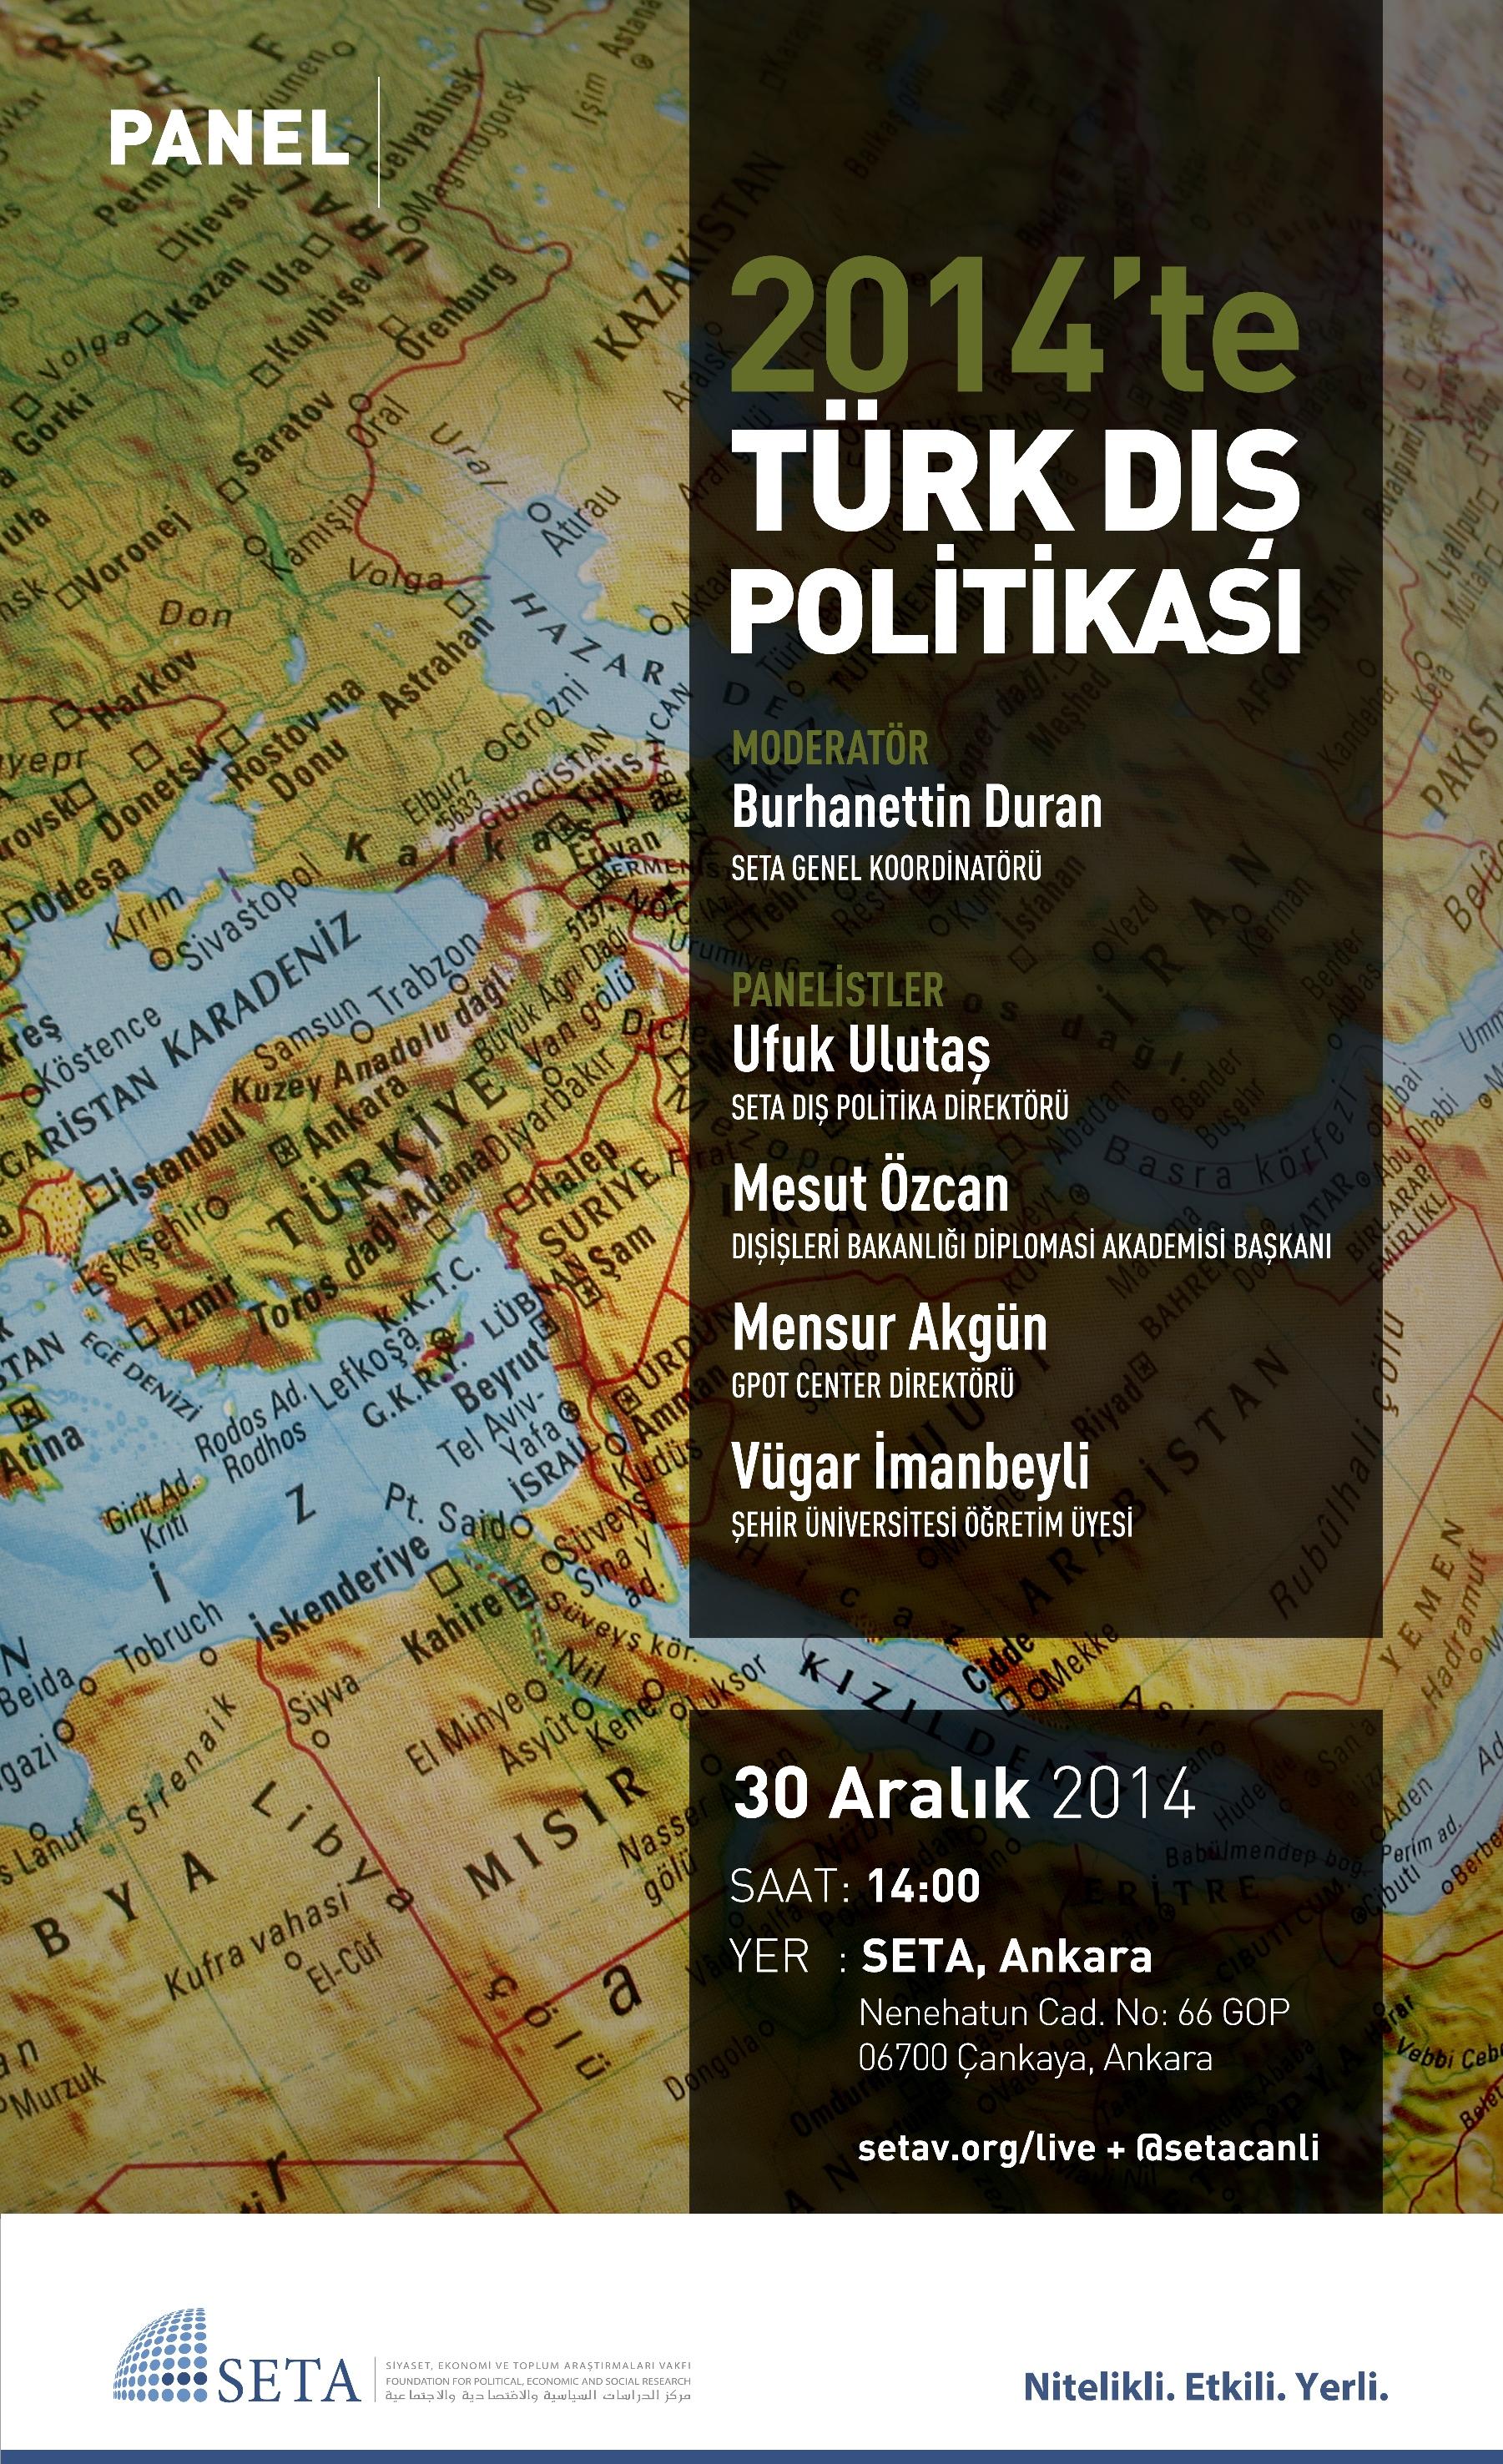 2014'te Türk Dış Politikası